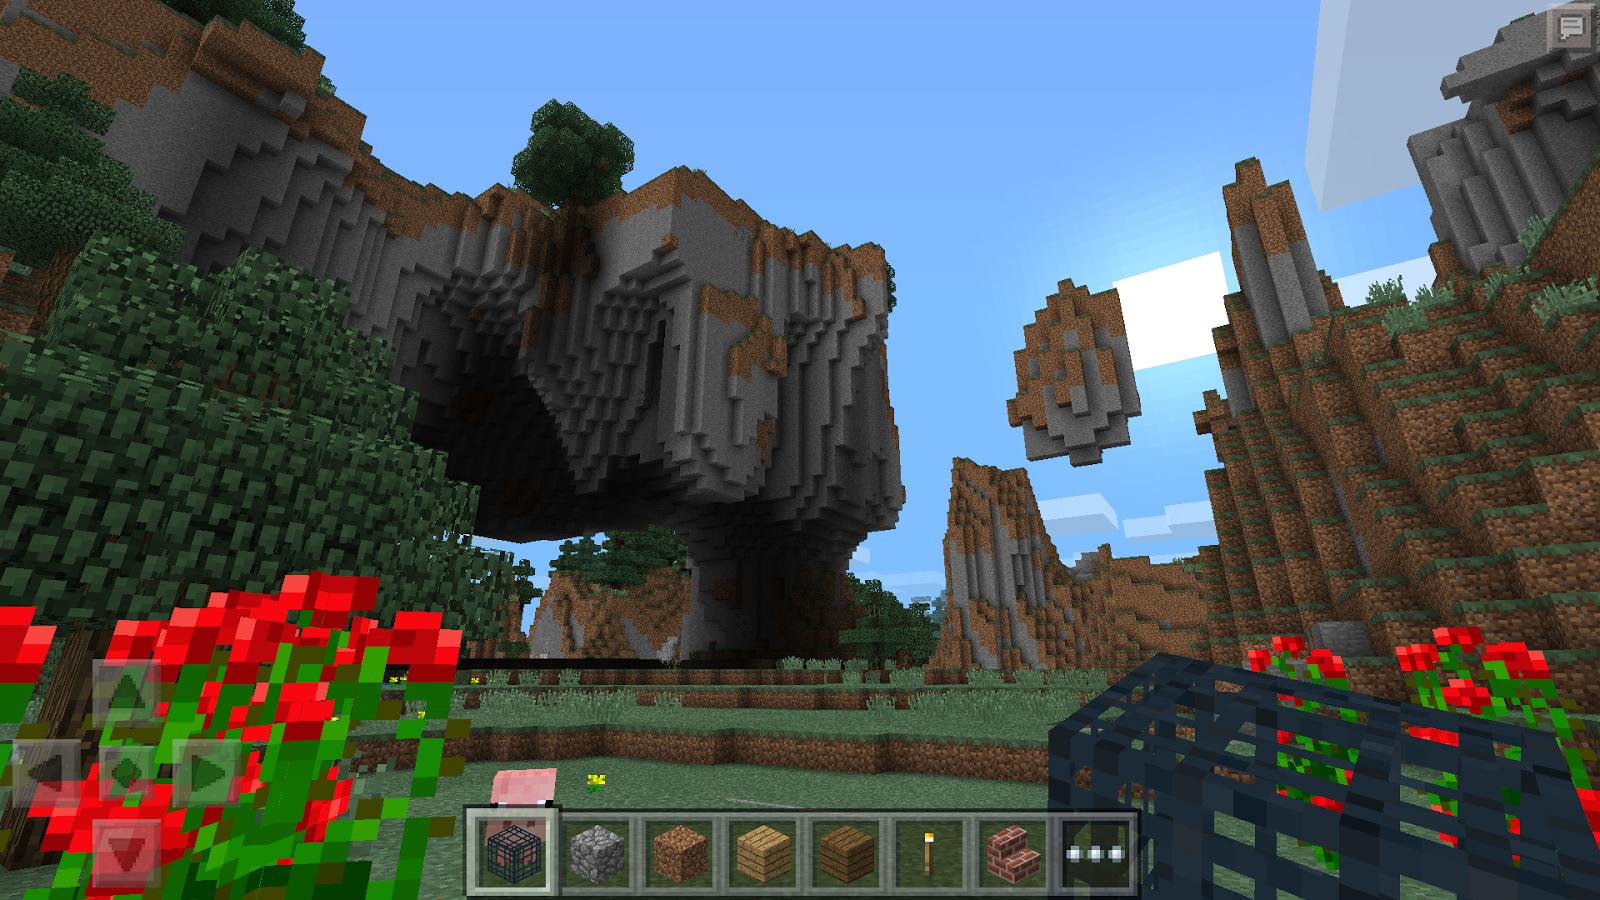 Minecraft - Pocket Edition v 1.0.2.1